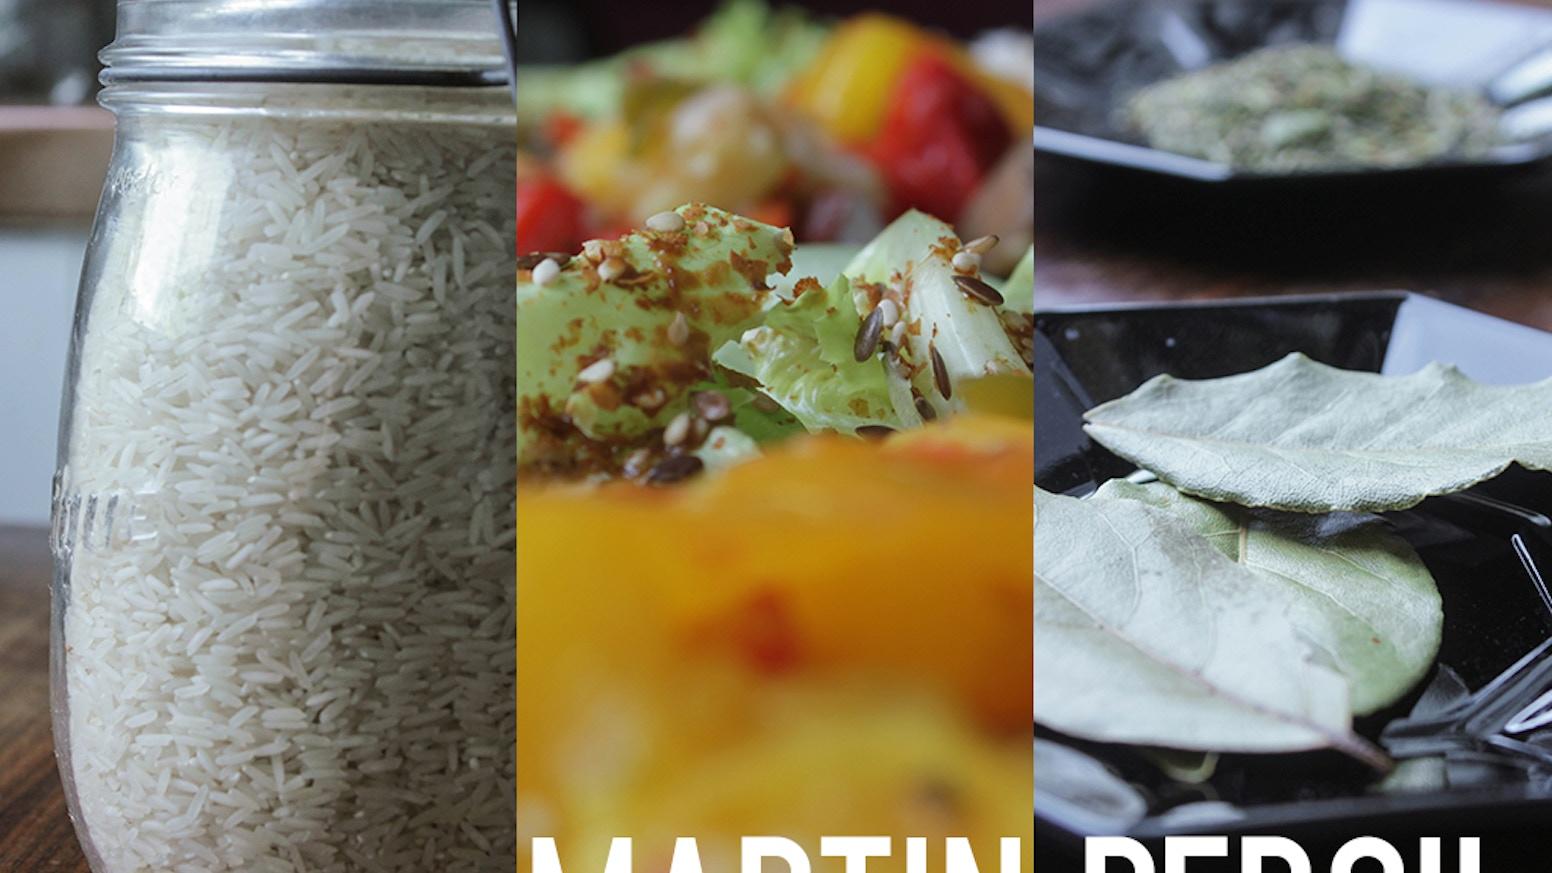 Financez le lancement de la cantine Martin Persil, gastronomie vegan événementielle bientôt dans toute la France !